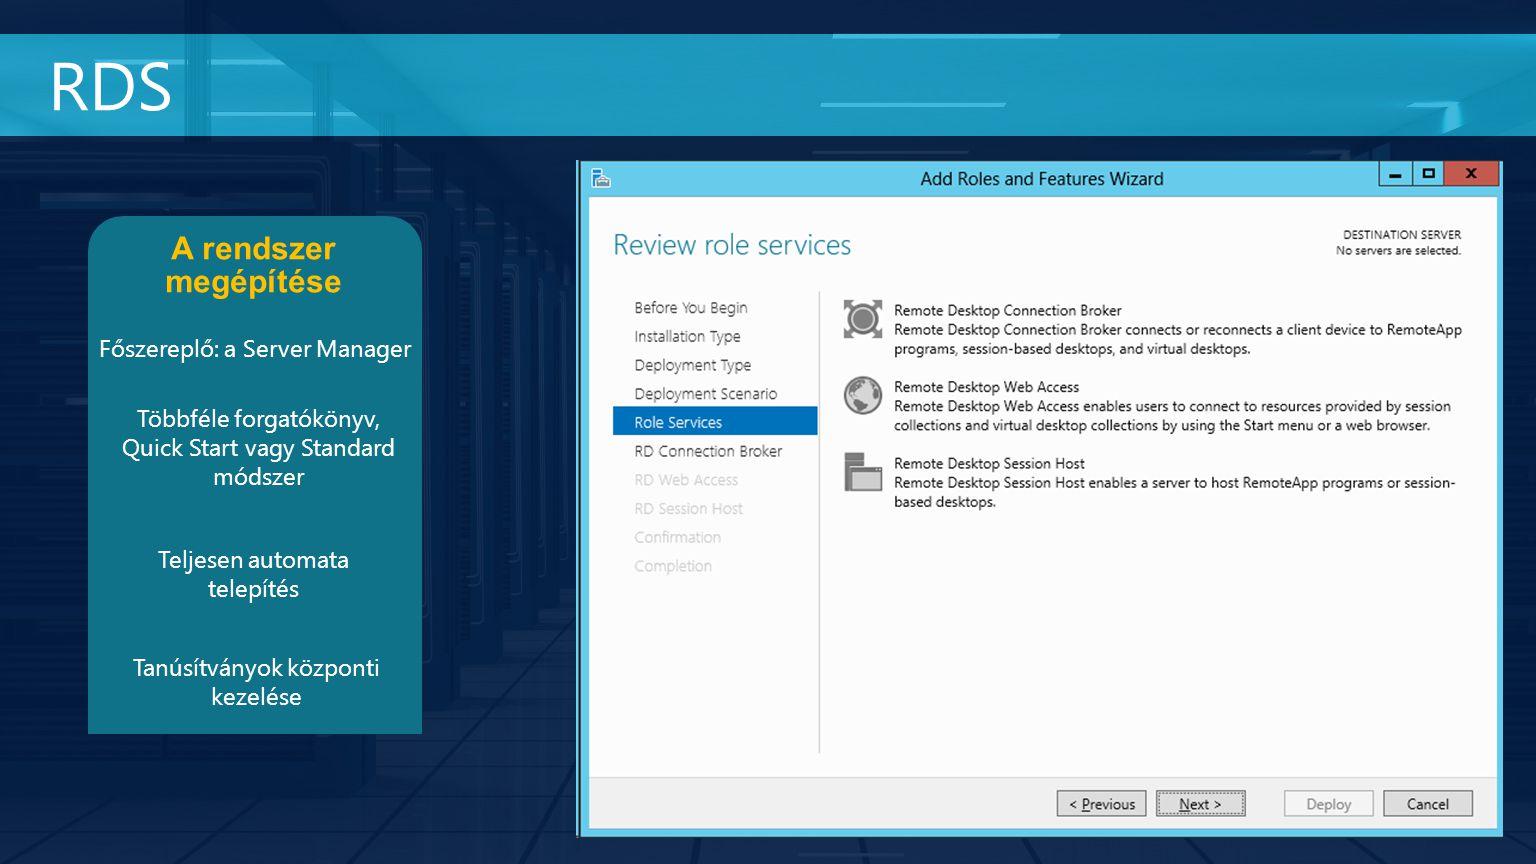 RDS A rendszer megépítése Főszereplő: a Server Manager Többféle forgatókönyv, Quick Start vagy Standard módszer Teljesen automata telepítés Tanúsítványok központi kezelése